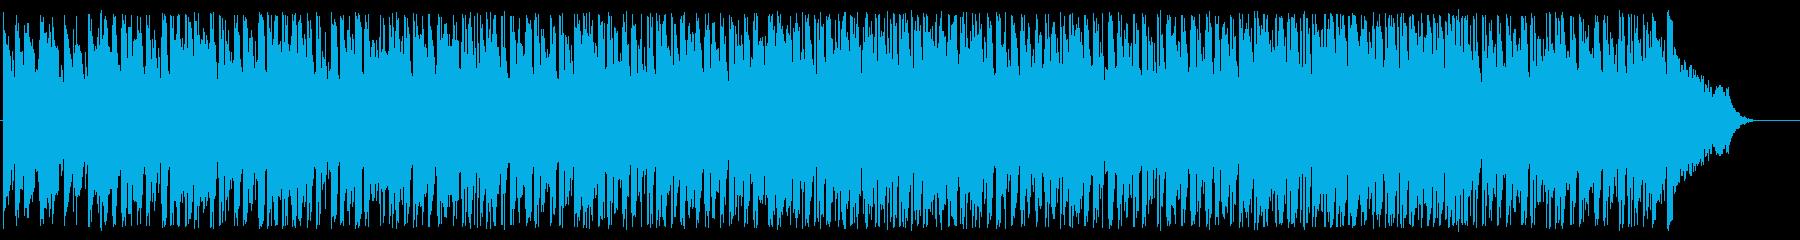 目覚めの朝に聴くイージーリスニングの再生済みの波形